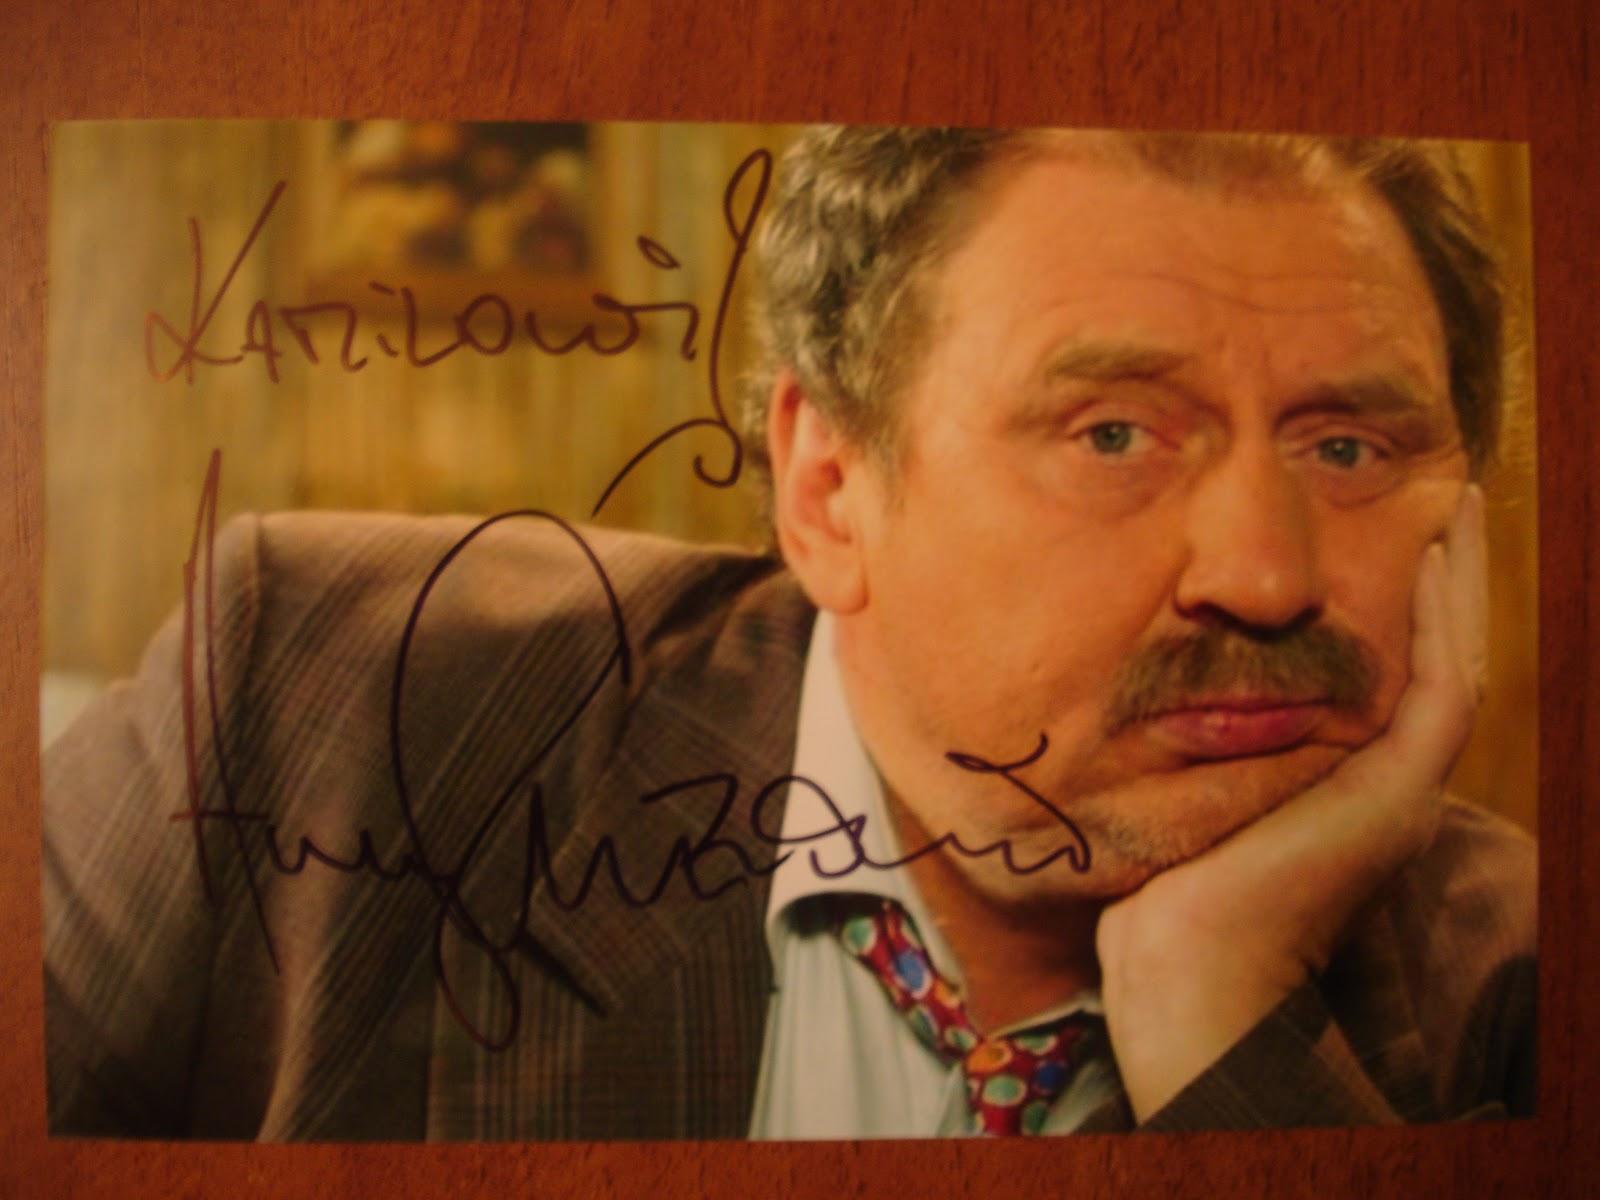 Andrzej Grabowski Twitter: Autografy Kamila: Andrzej Grabowski